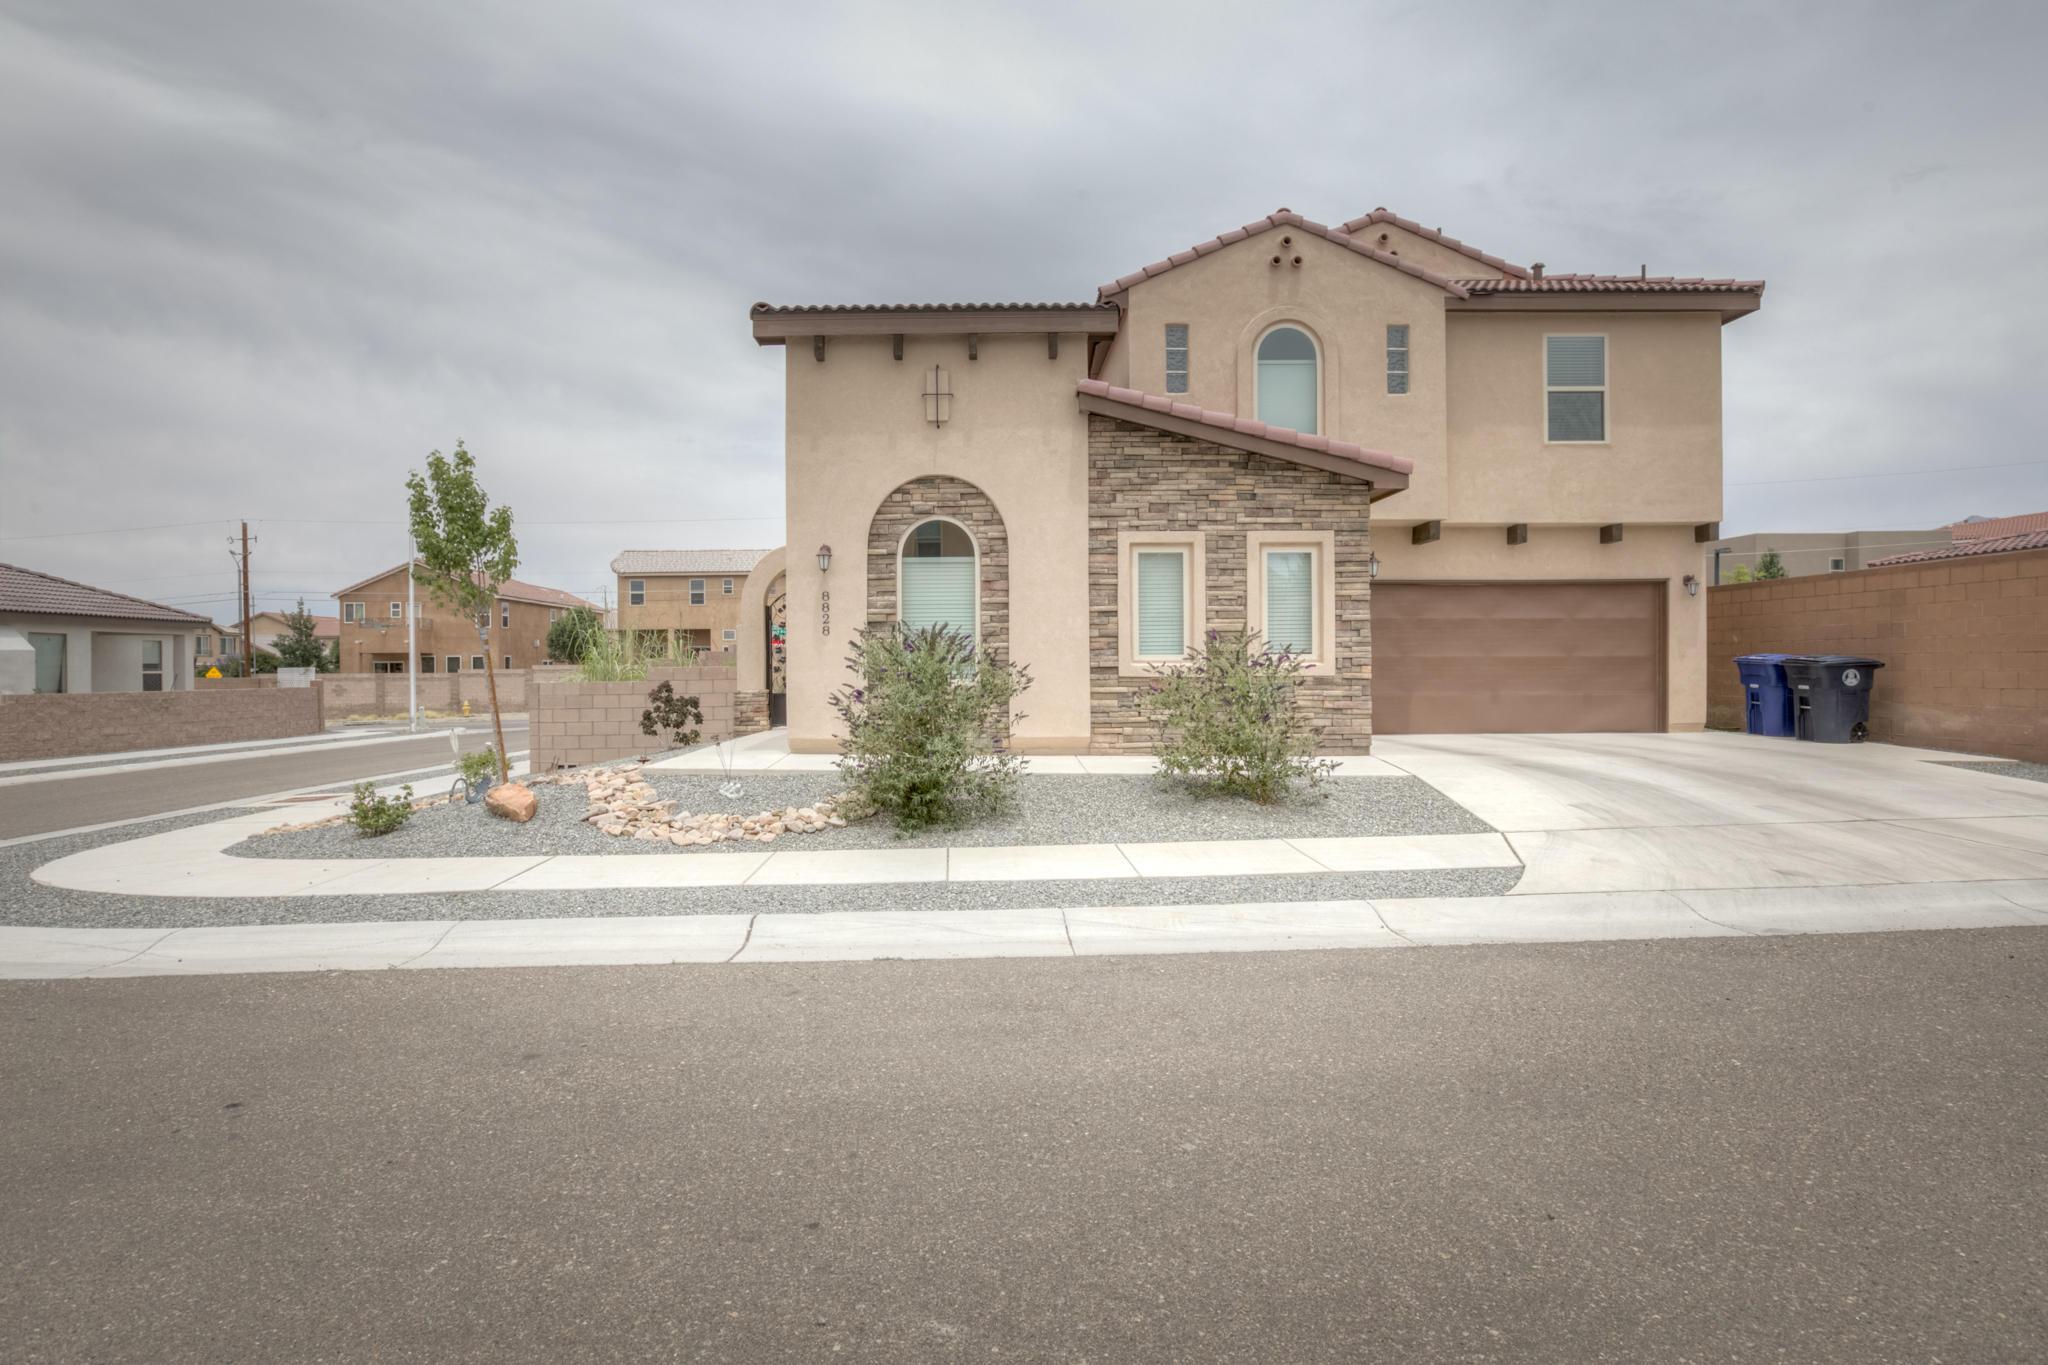 8828 BERNAL Court NE Property Photo - Albuquerque, NM real estate listing